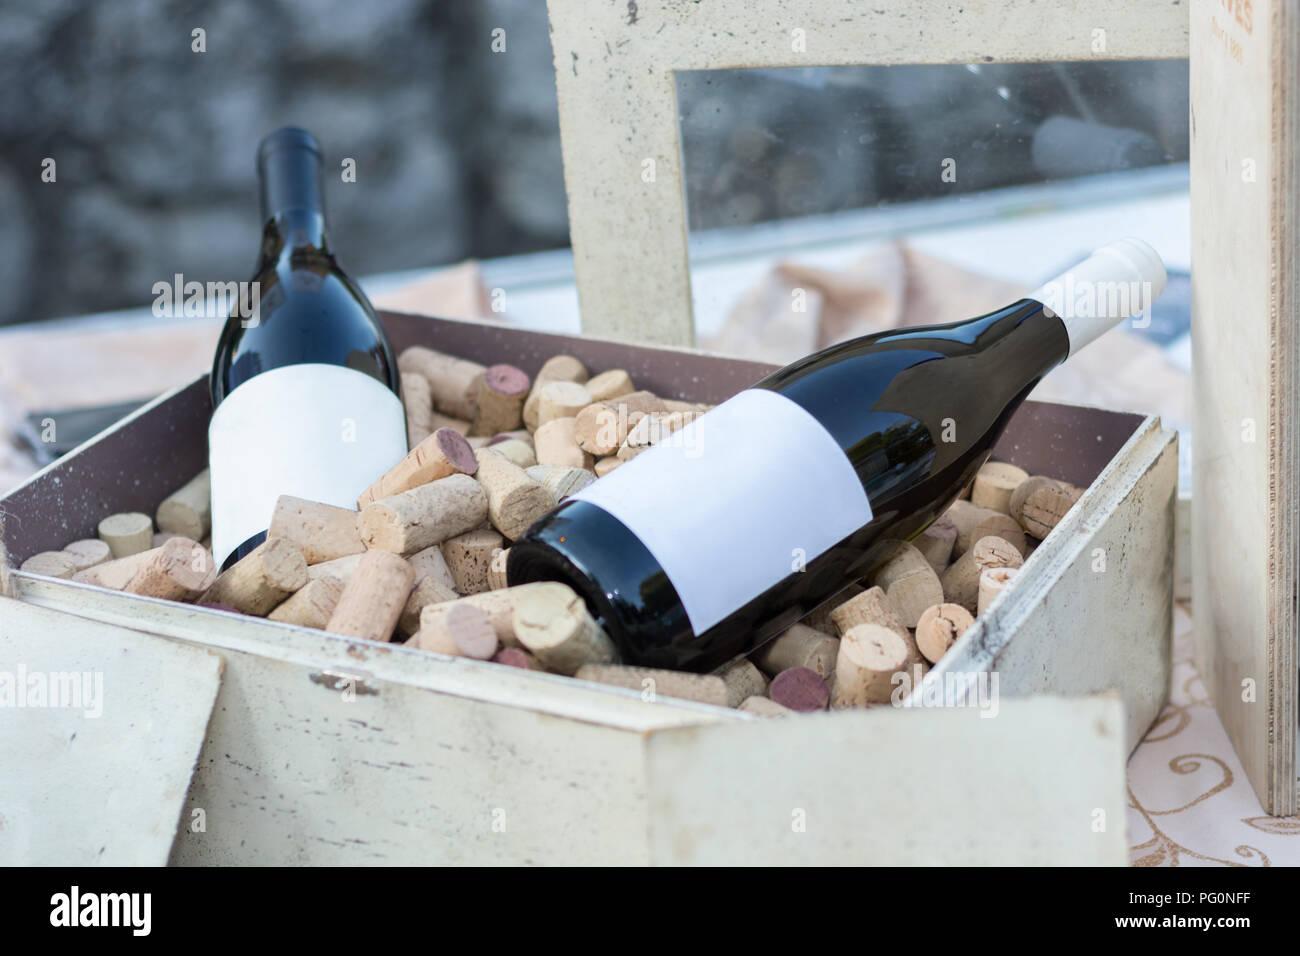 Zwei Rote Weinflaschen In Alten Holzernen Kasten Voll Mit